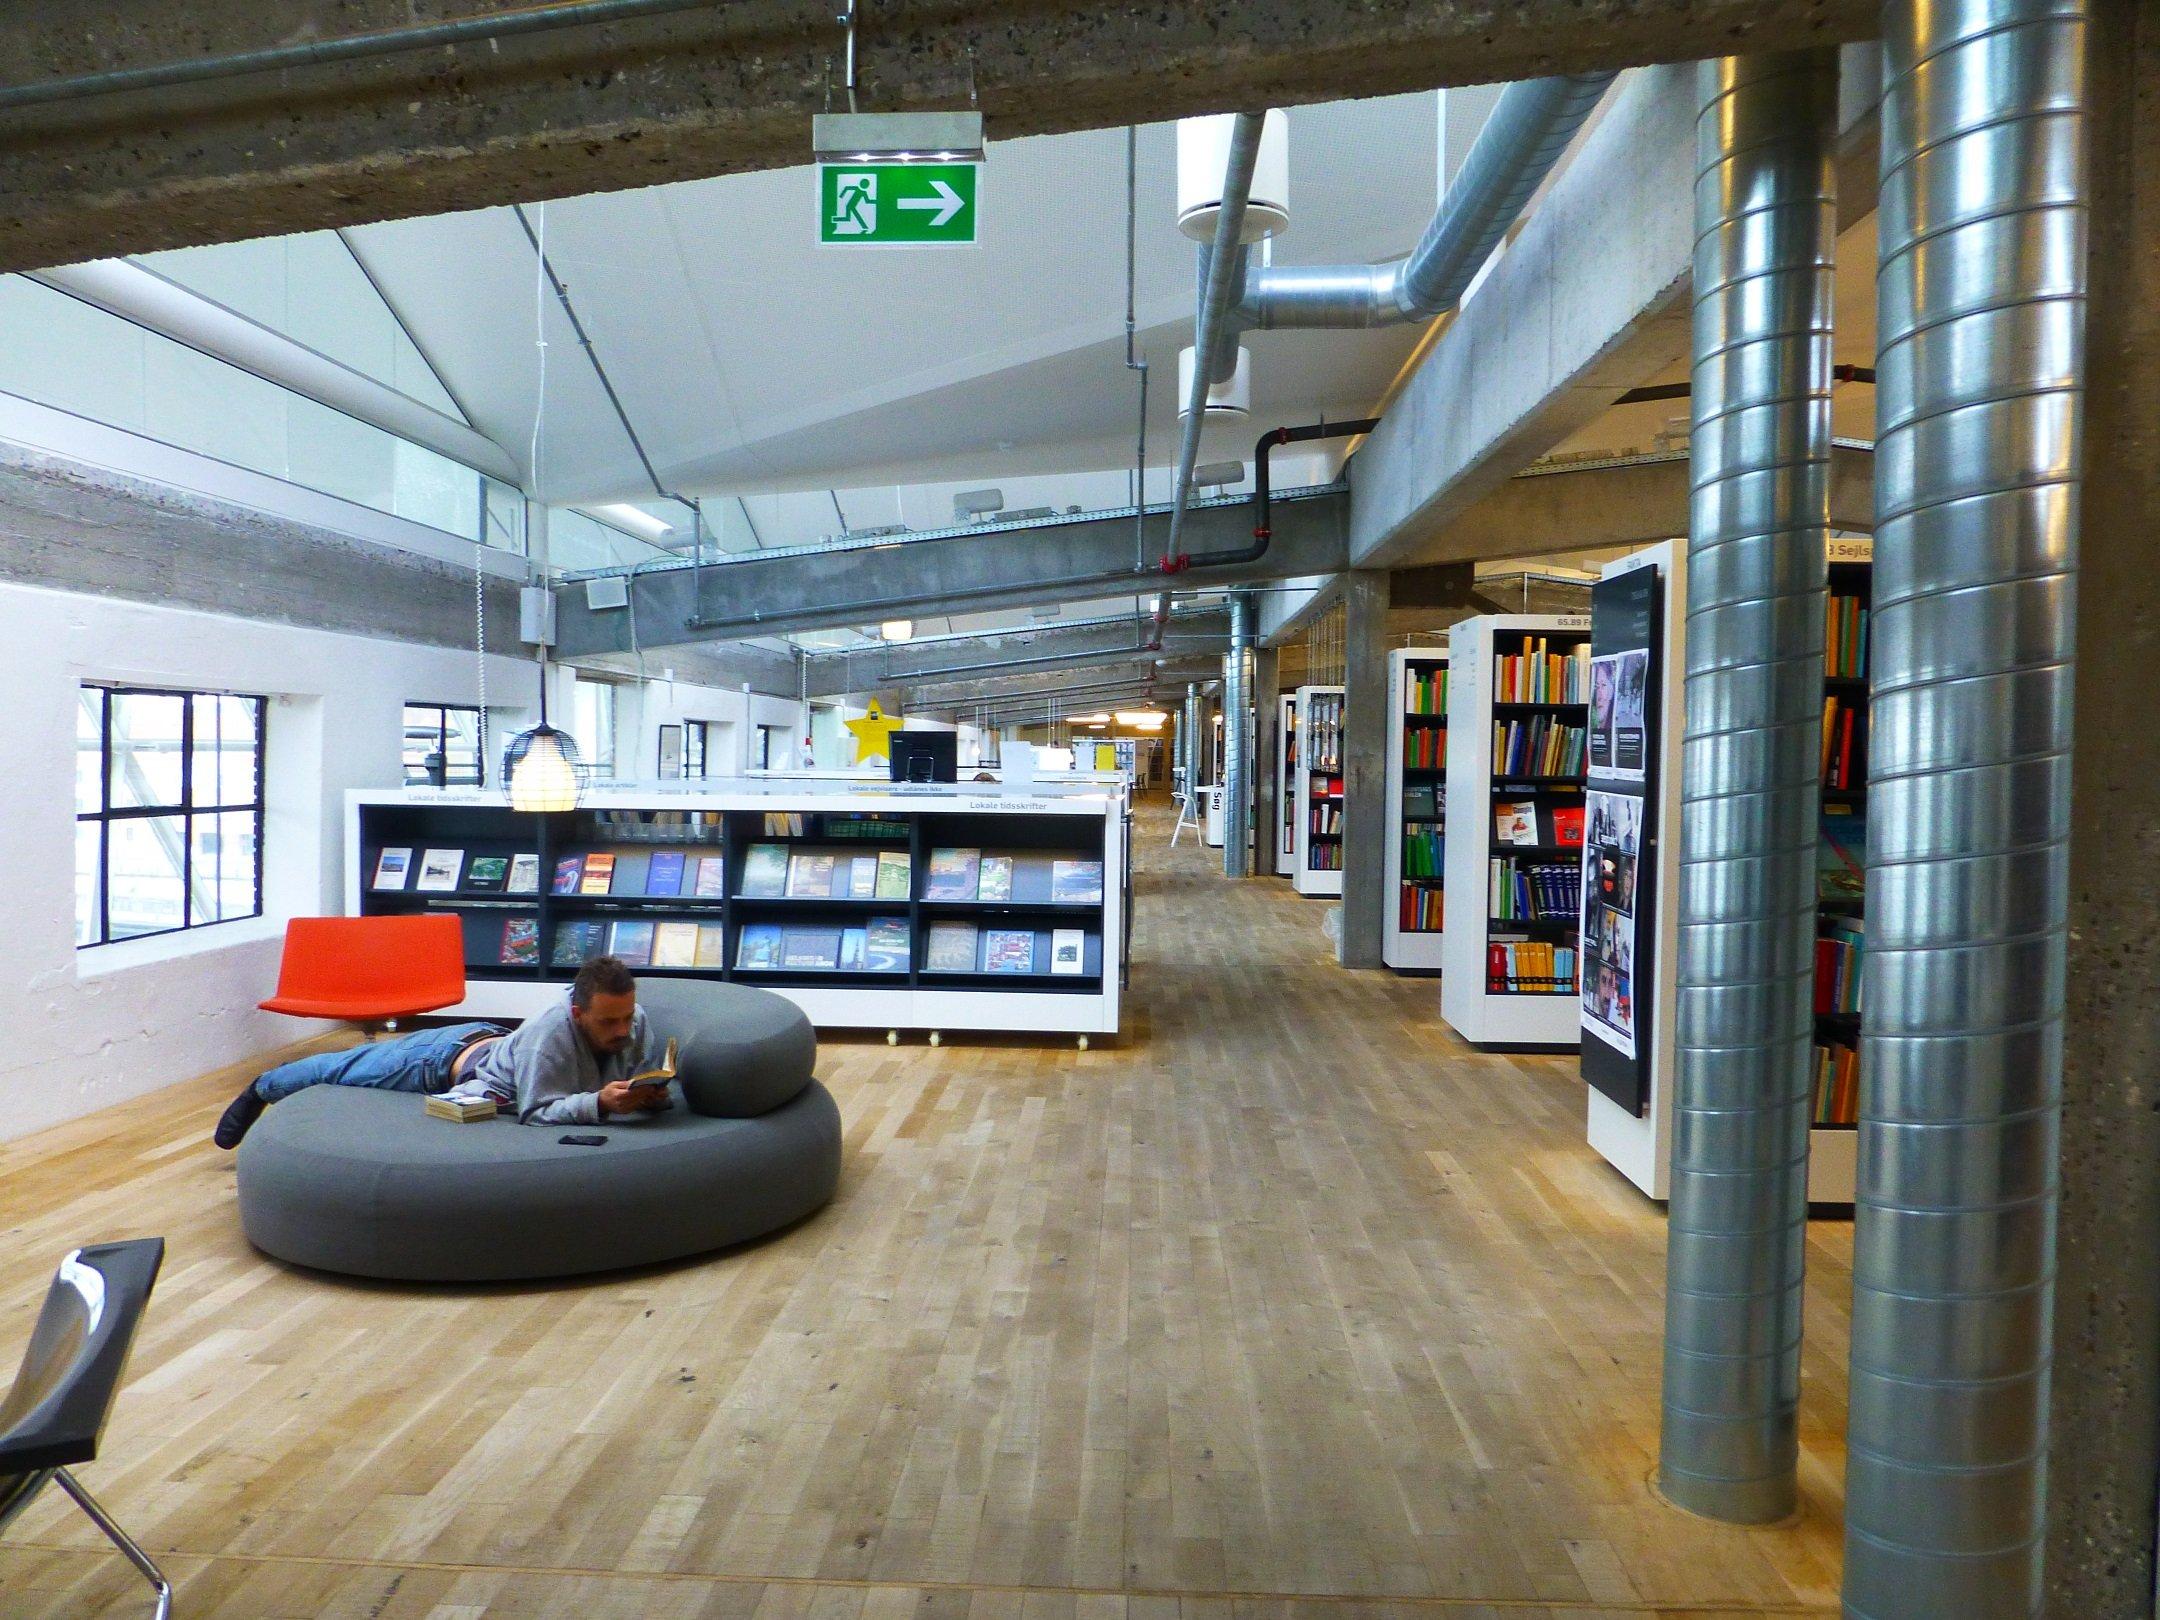 Helsingor Library